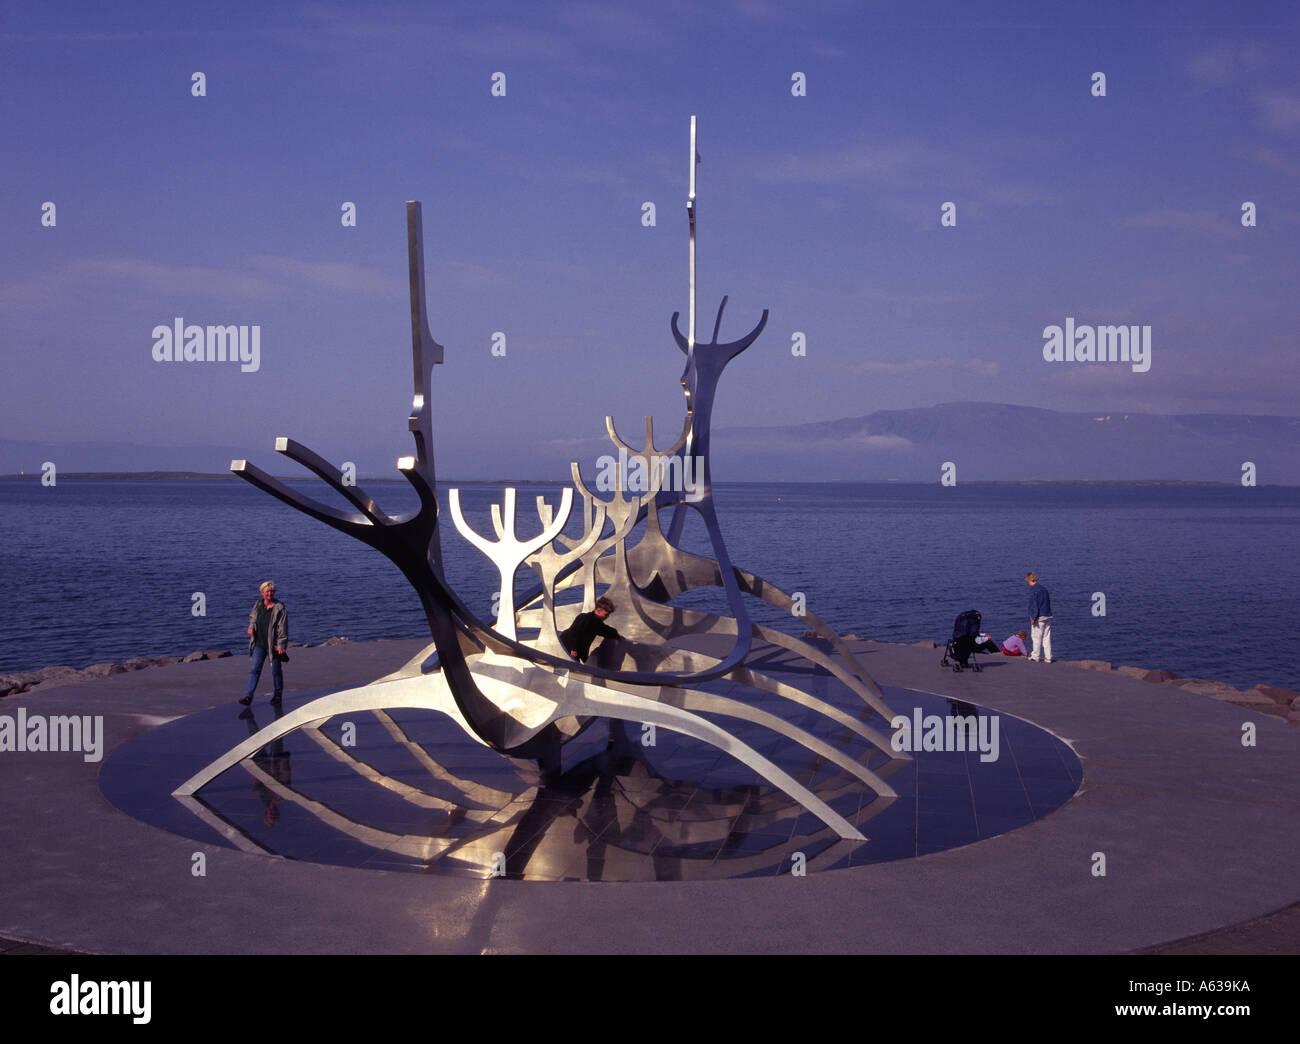 Metallic longship sculpture, Reykjavik, Iceland - Stock Image